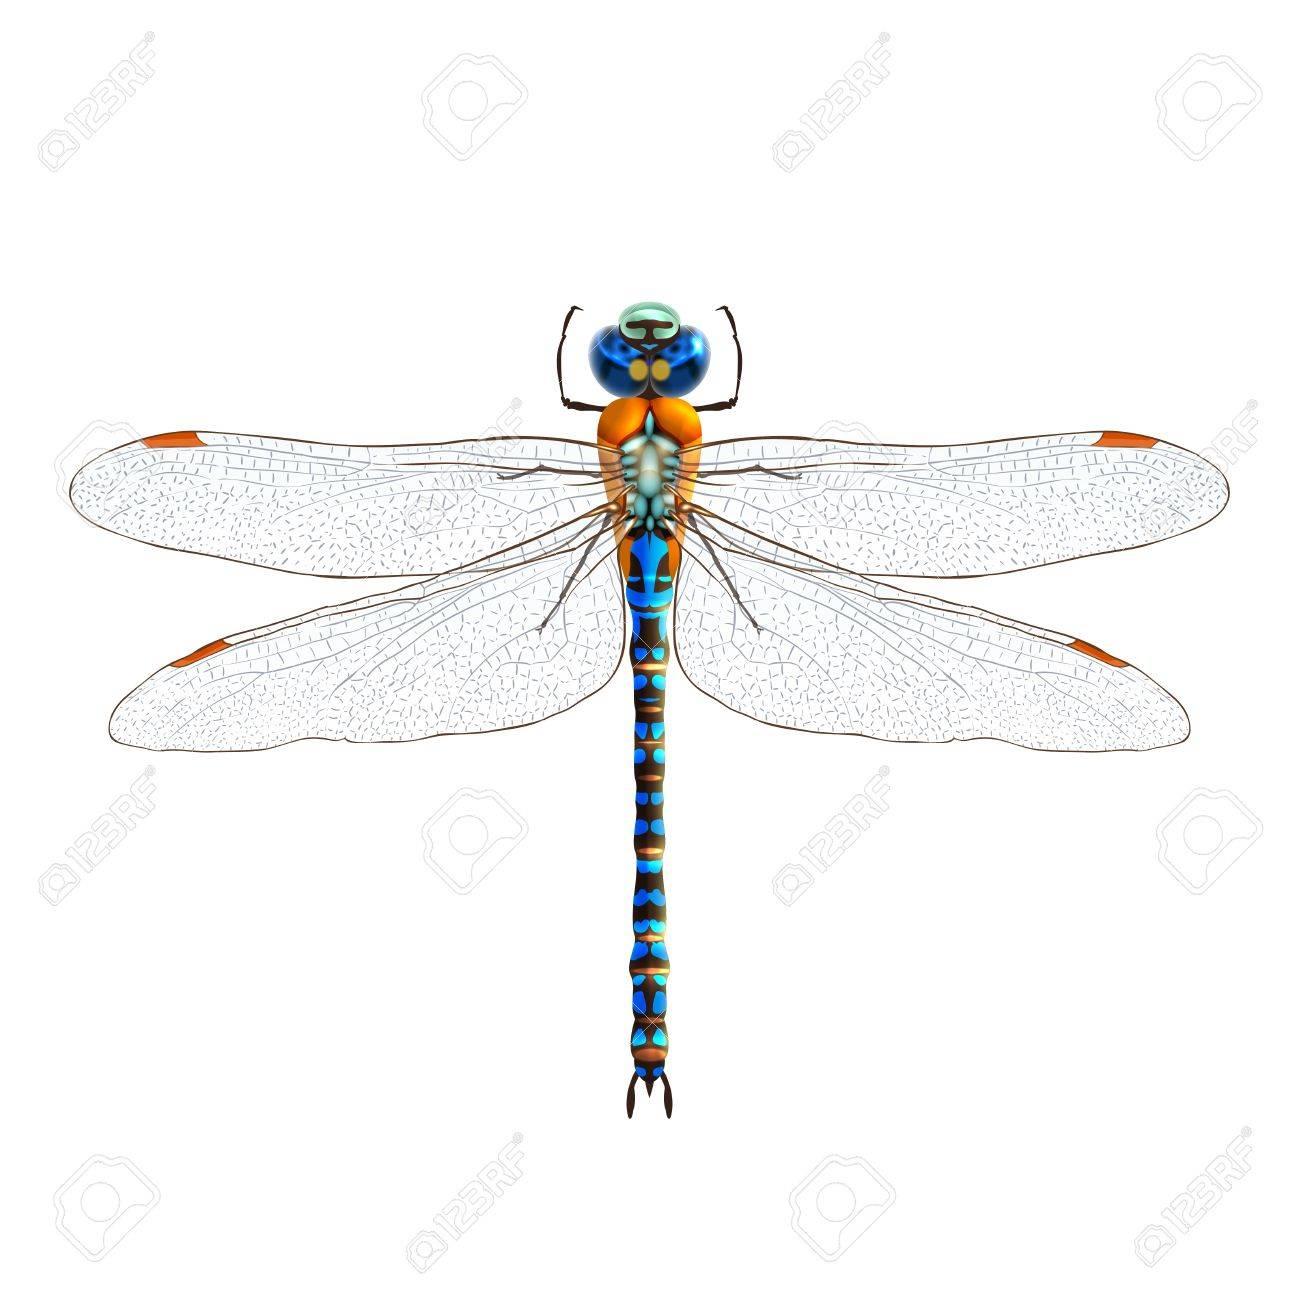 白い背景ベクトル イラストに分離された昆虫のリアルなトンボのイラスト素材 ベクタ Image